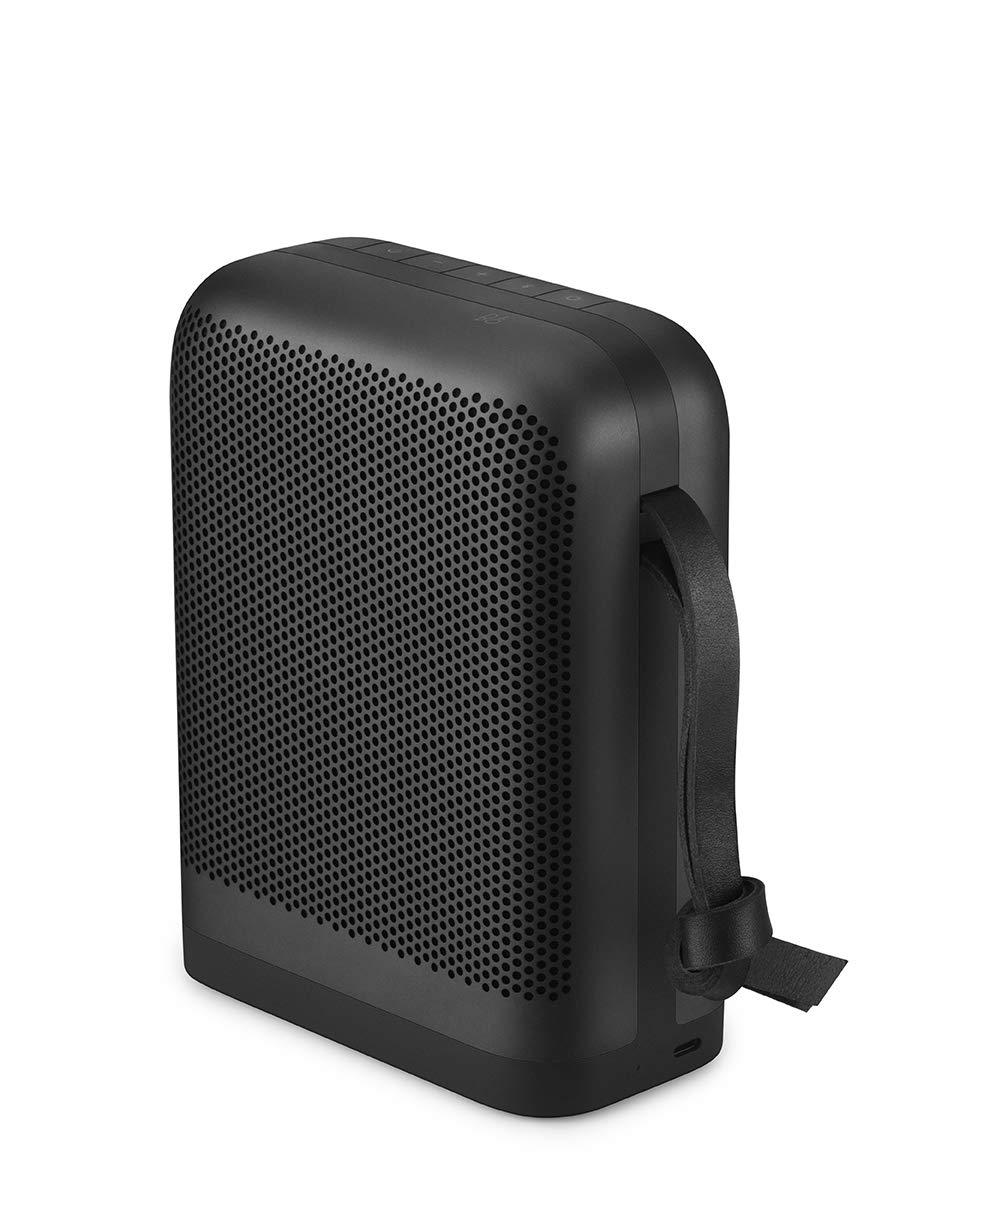 Beoplay P6 de Bang & Olufsen - Altavoz Bluetooth portátil con micrófono